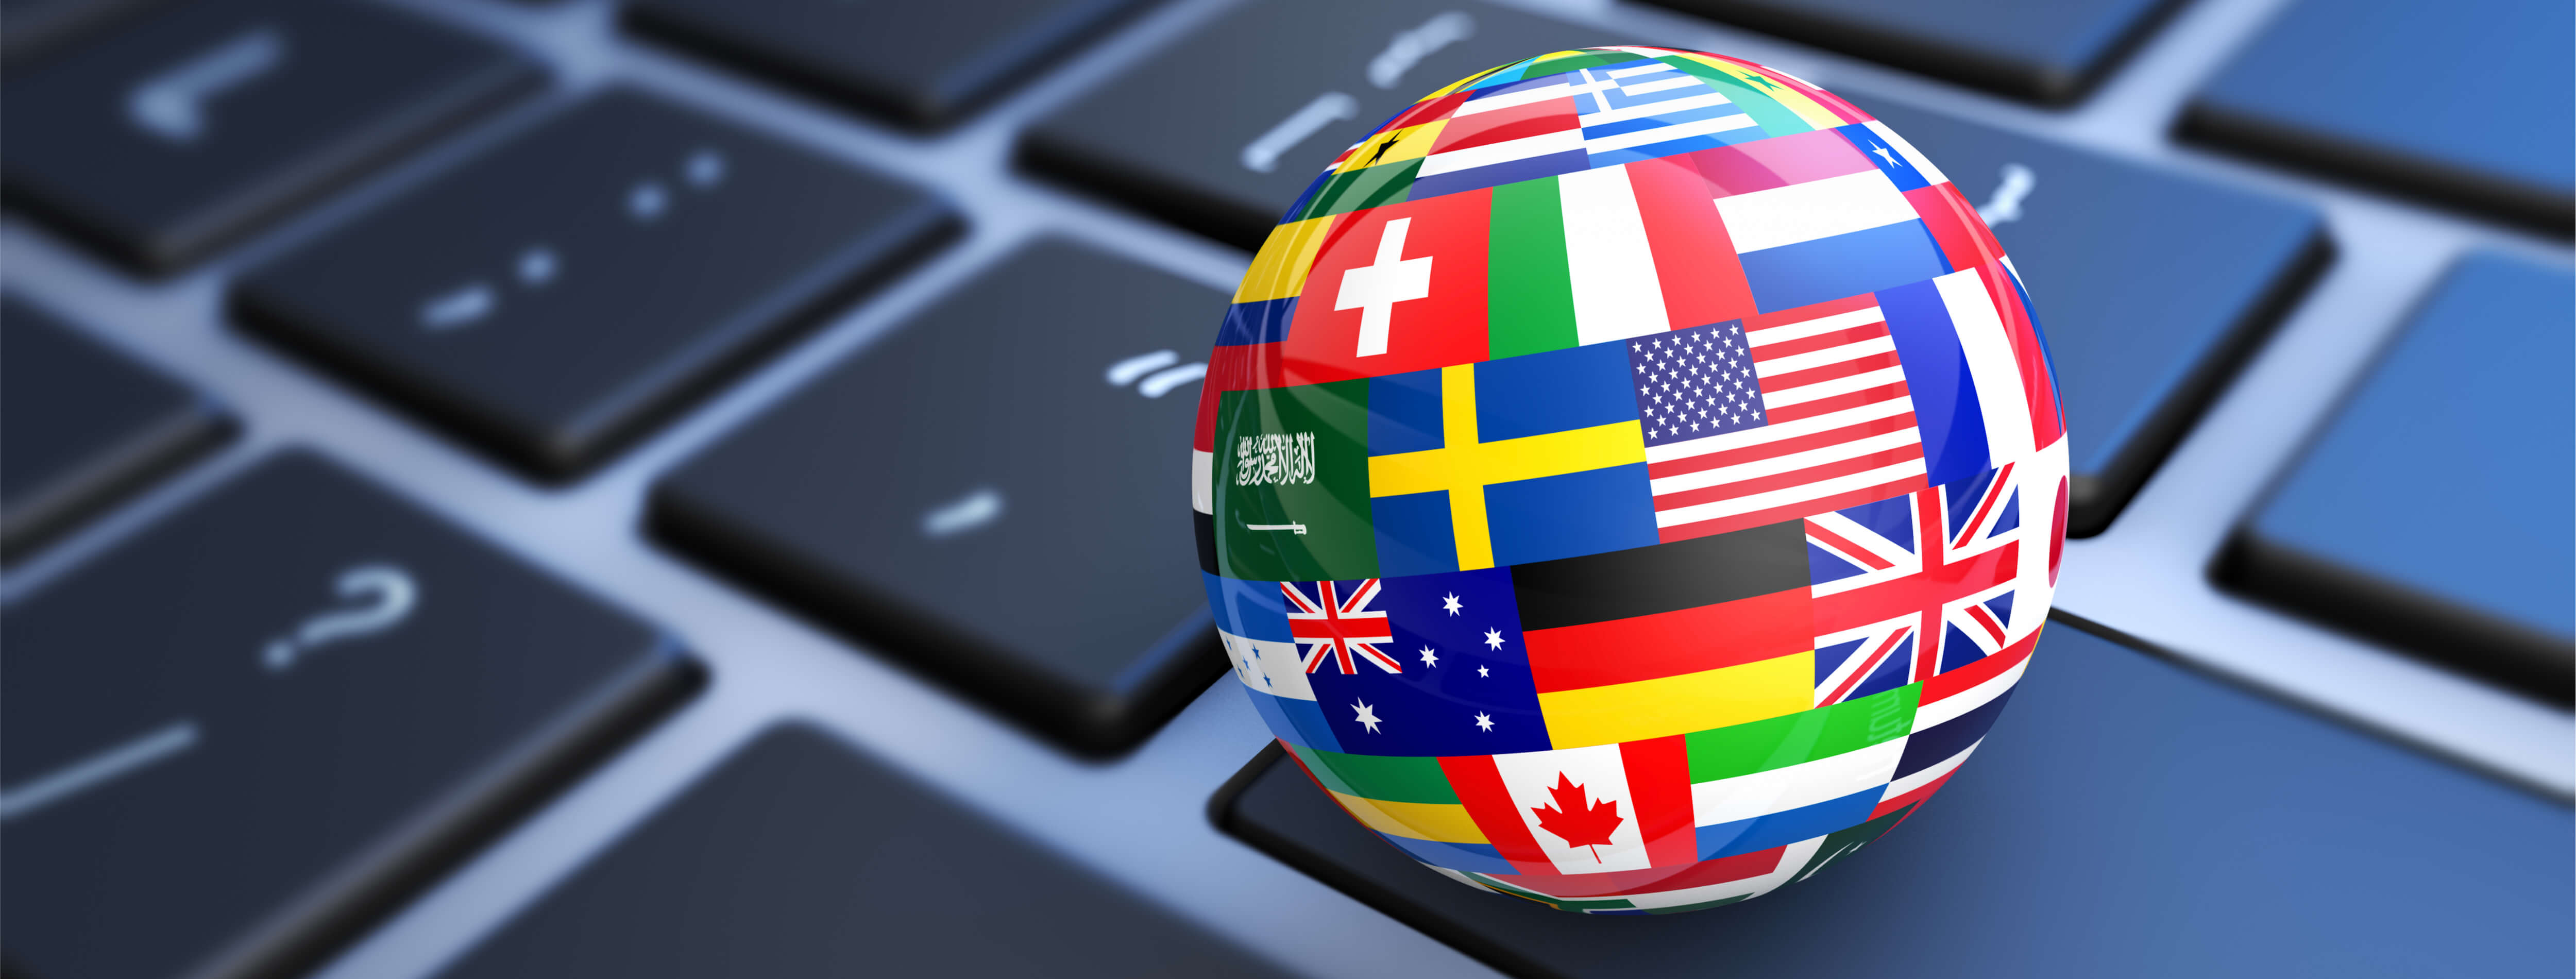 Übersetzung in alle Sprachen